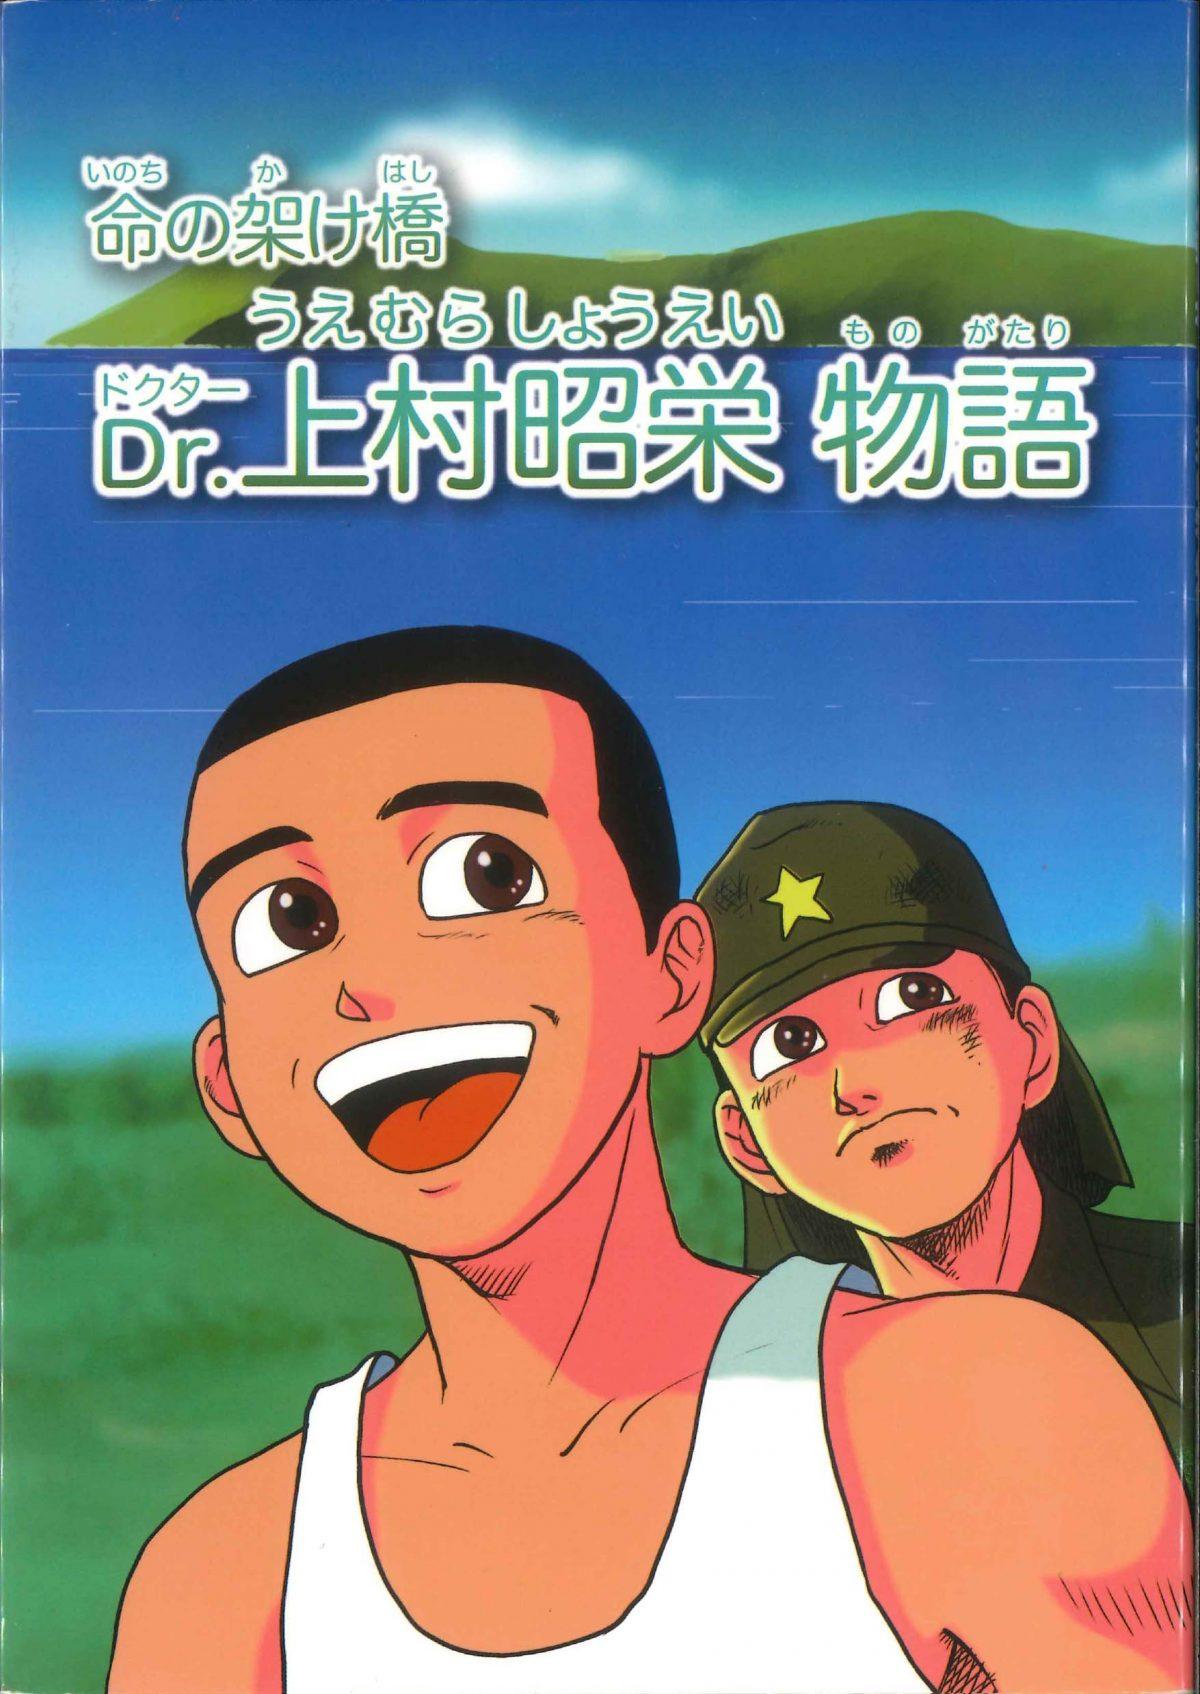 懐かしのお仕事報告です!「命の架け橋 Dr.上村昭栄 物語」マンガのお仕事承ります!